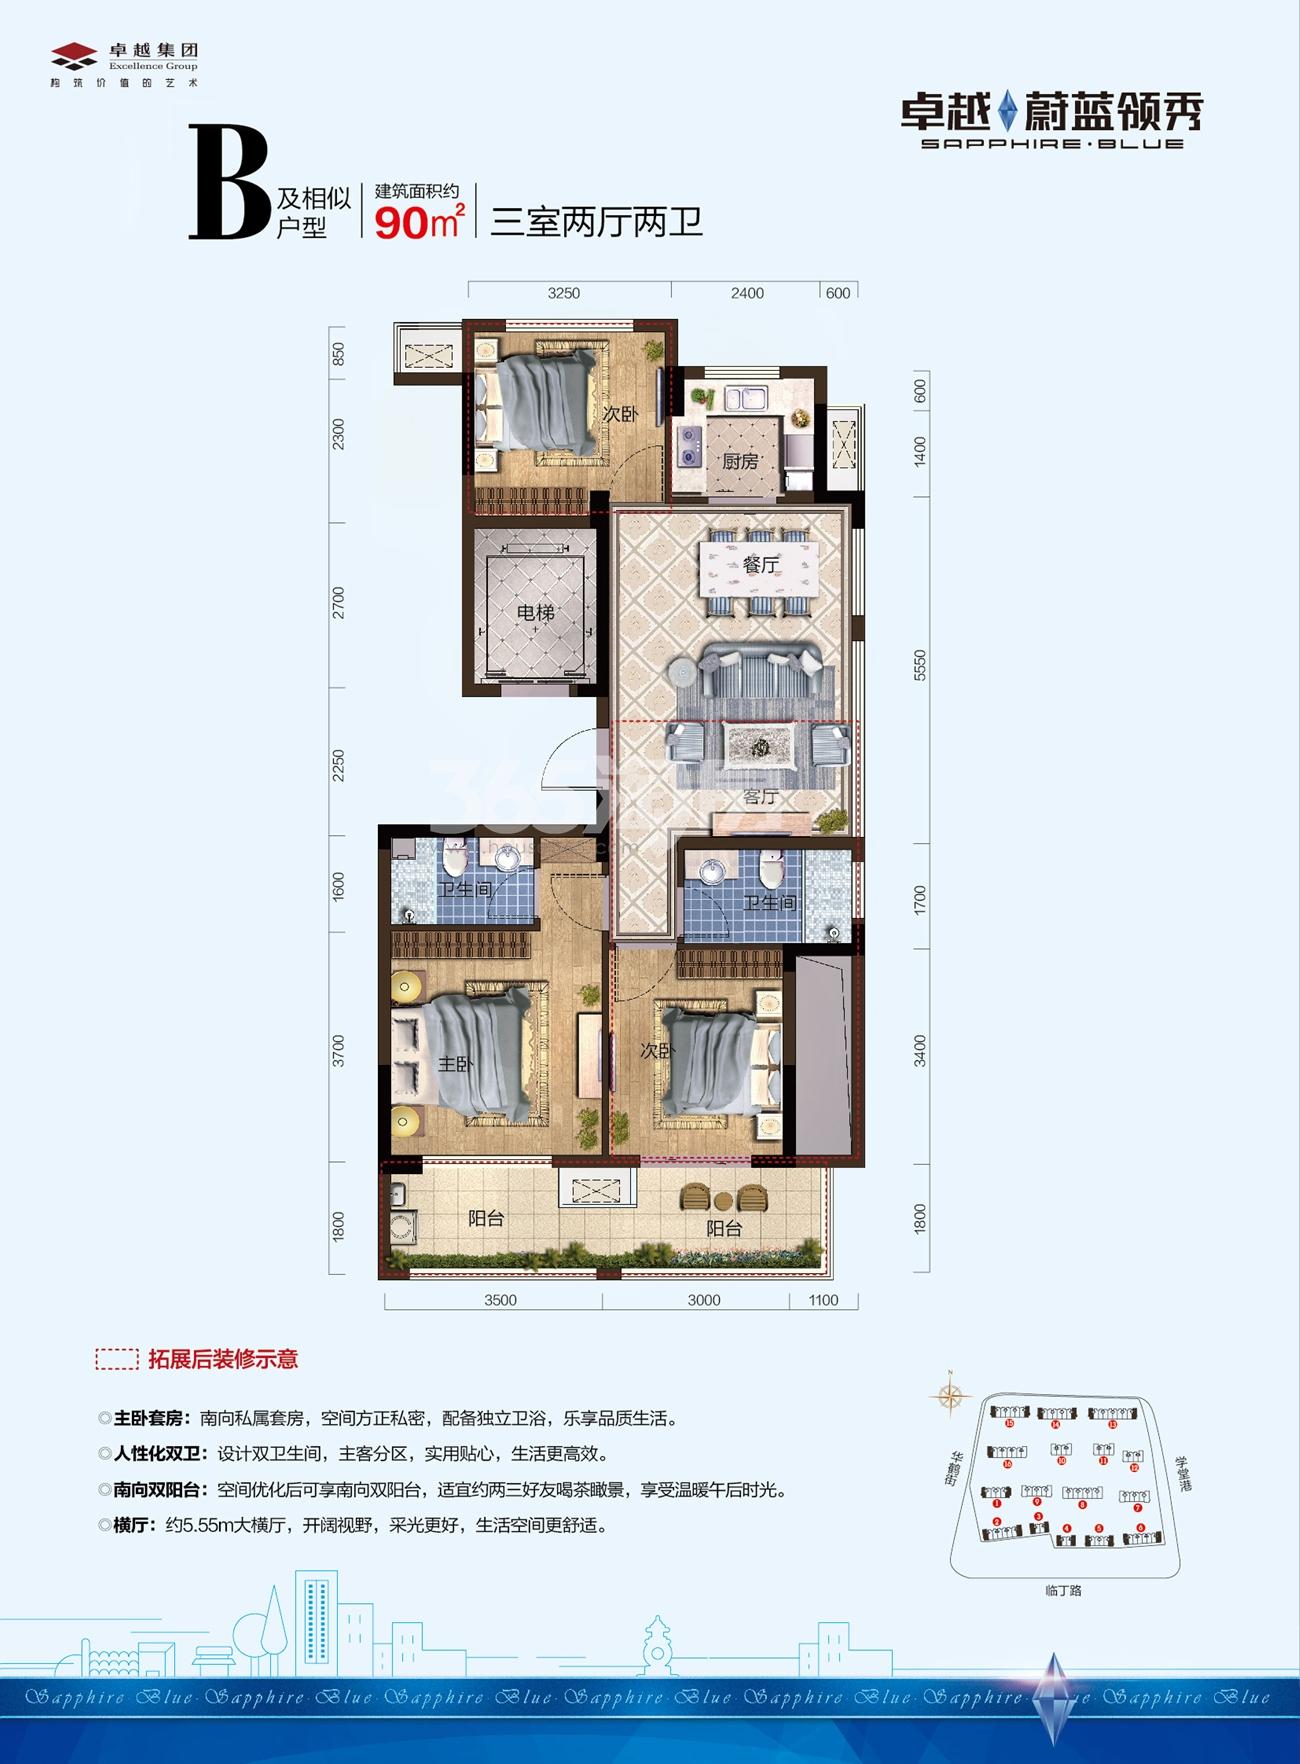 卓越蔚蓝领秀二期B户型图90方(1-6、13-16号楼)